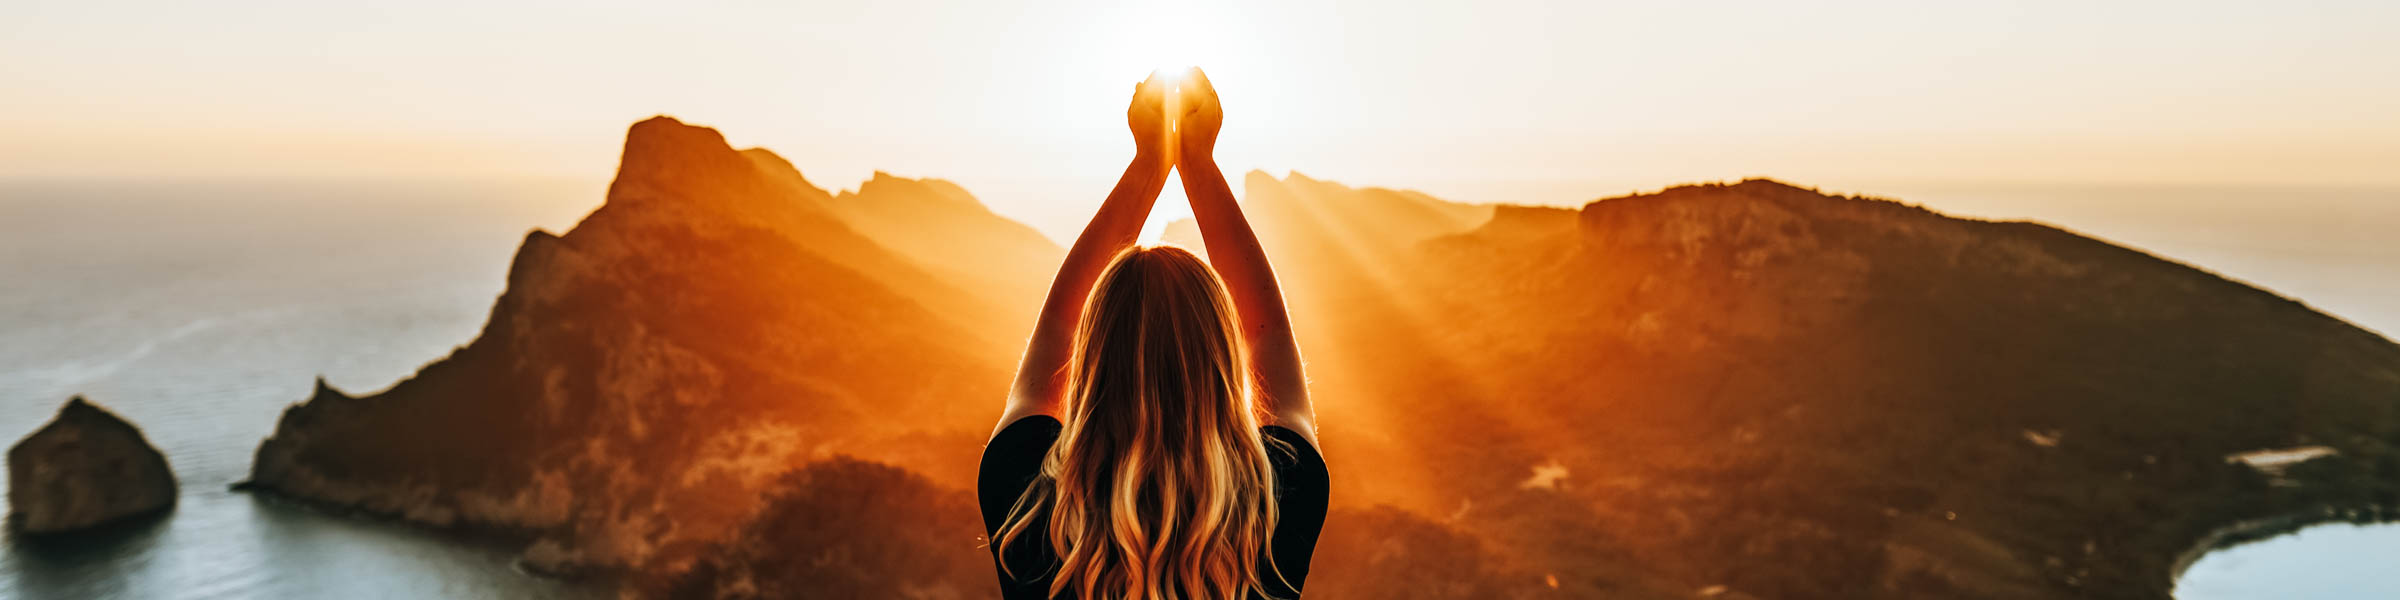 Junge Frau im Sonnenuntergang auf einem Berg mit Blick aufs Meer – Umweltfreundlich reisen